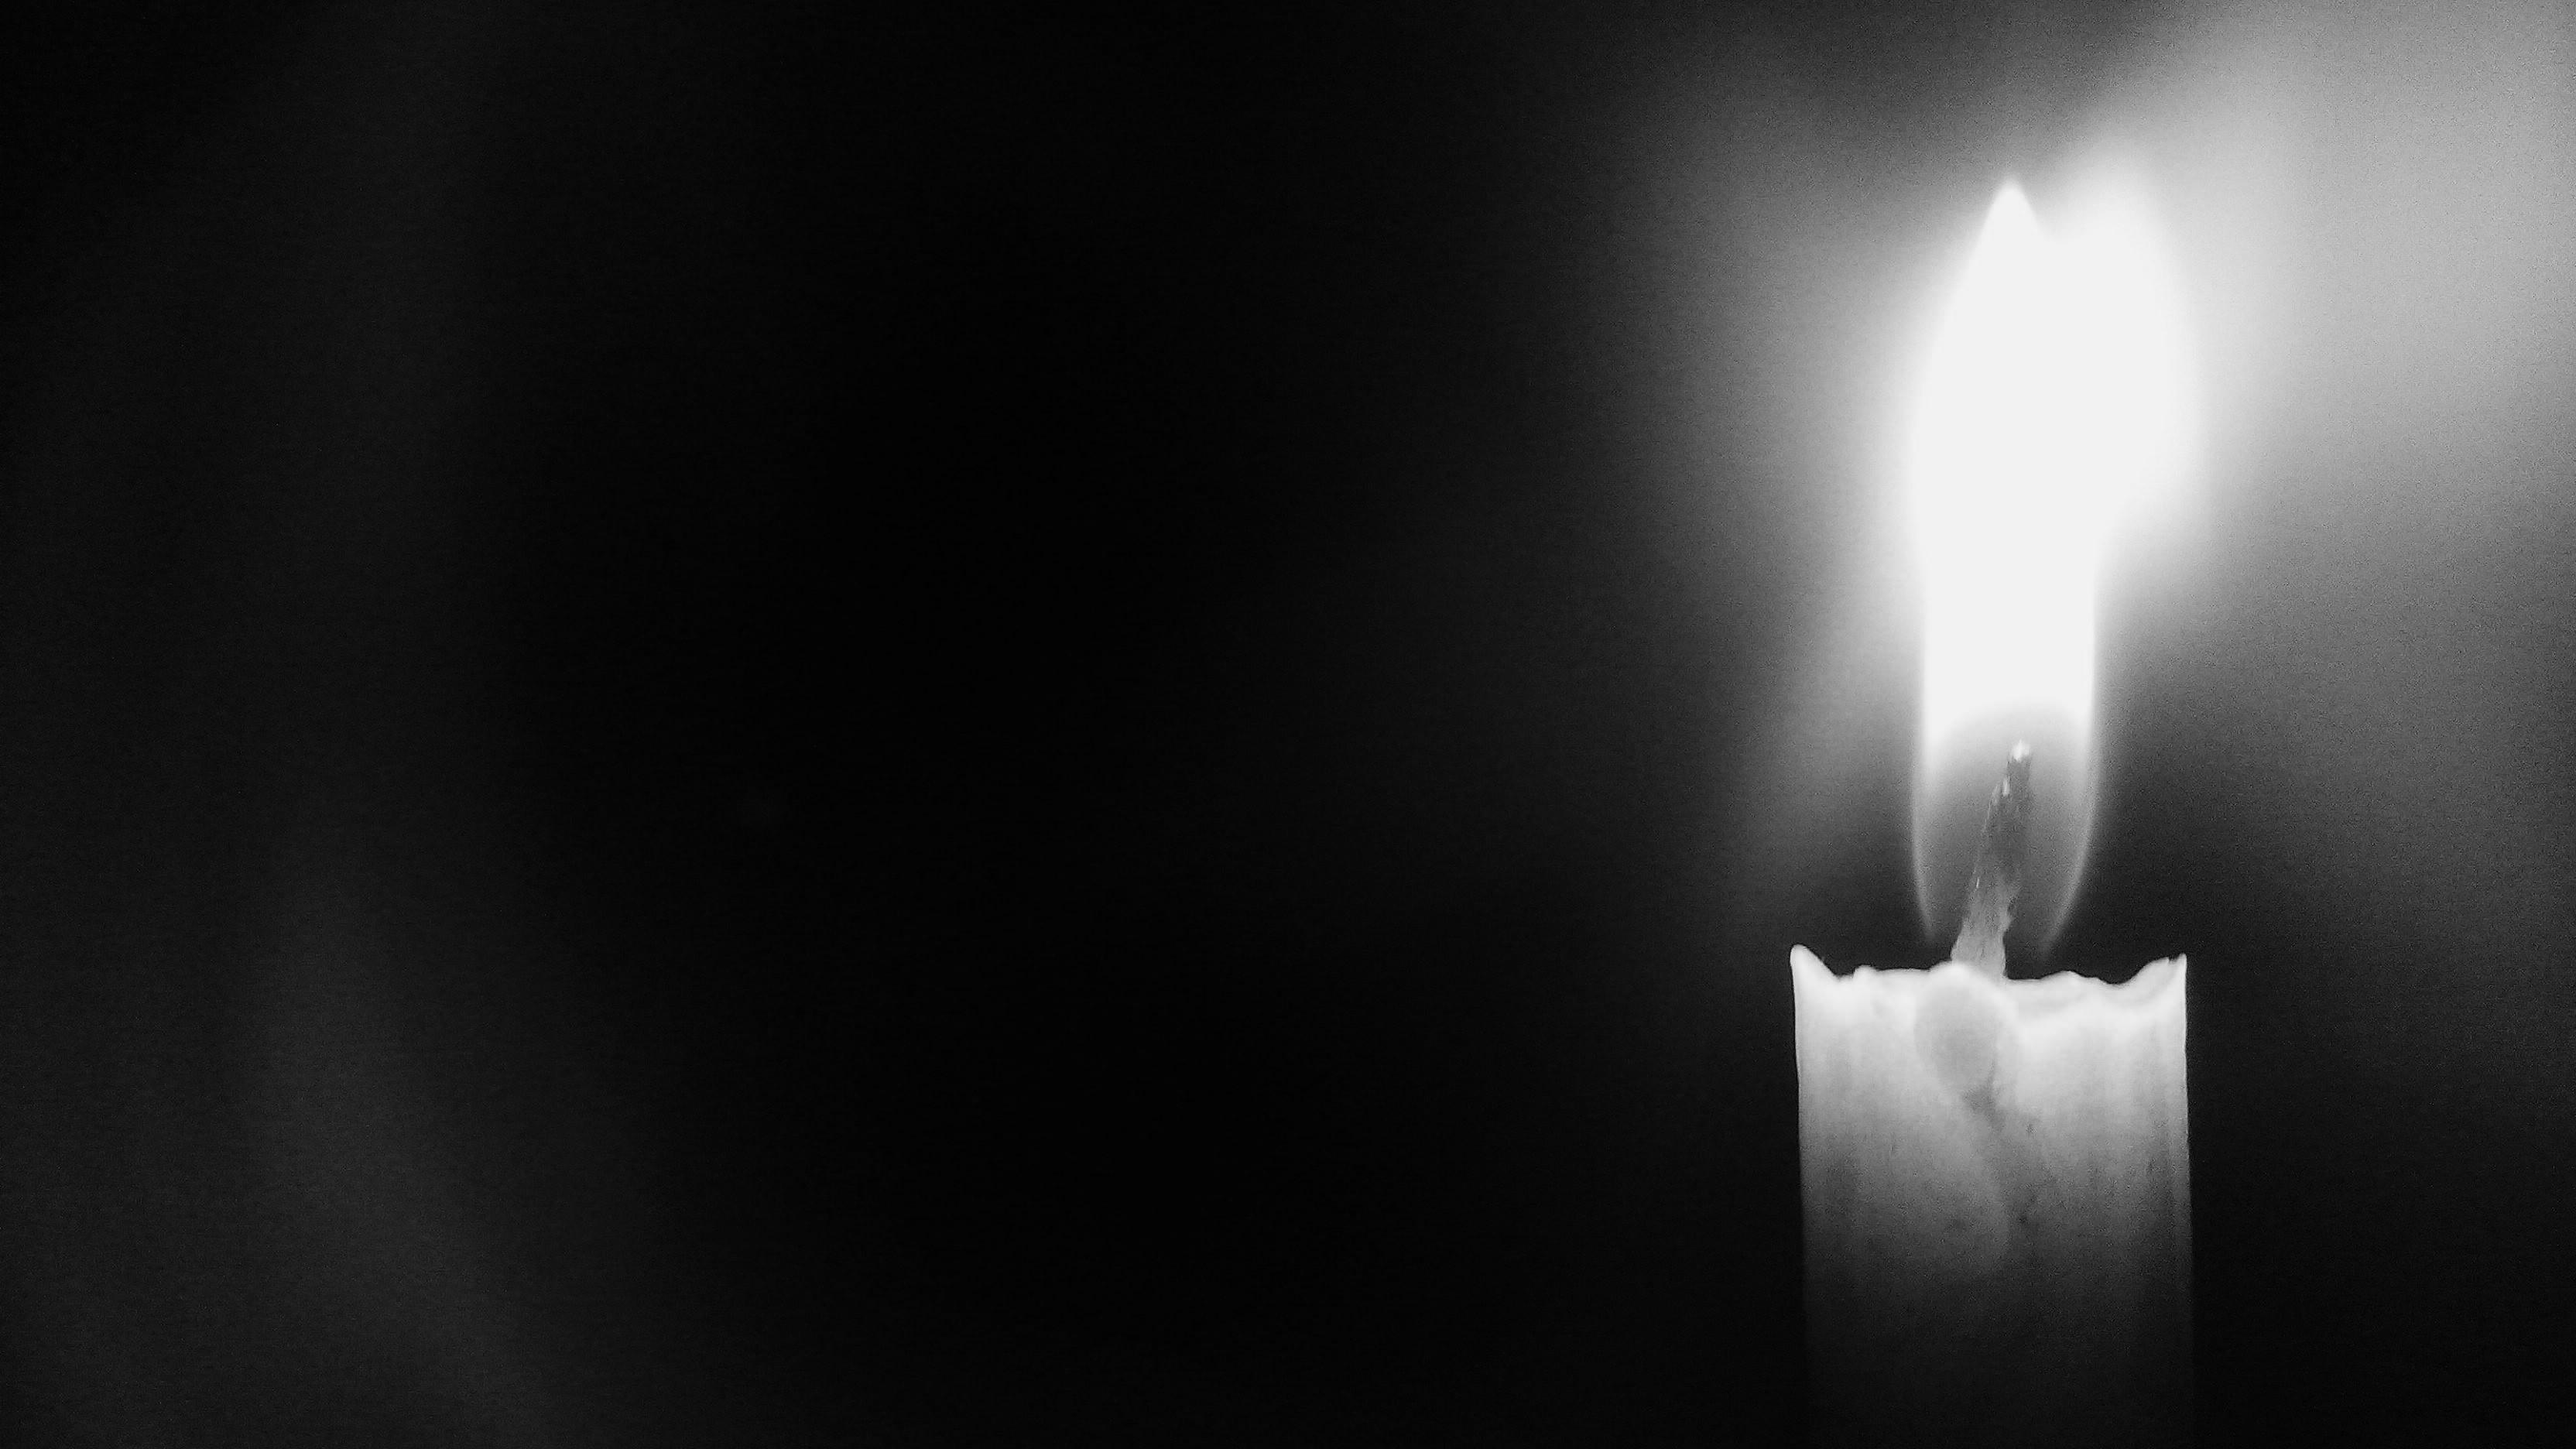 Candle Light Black White Wide Desktop Wallpaper Uploaded by Sk